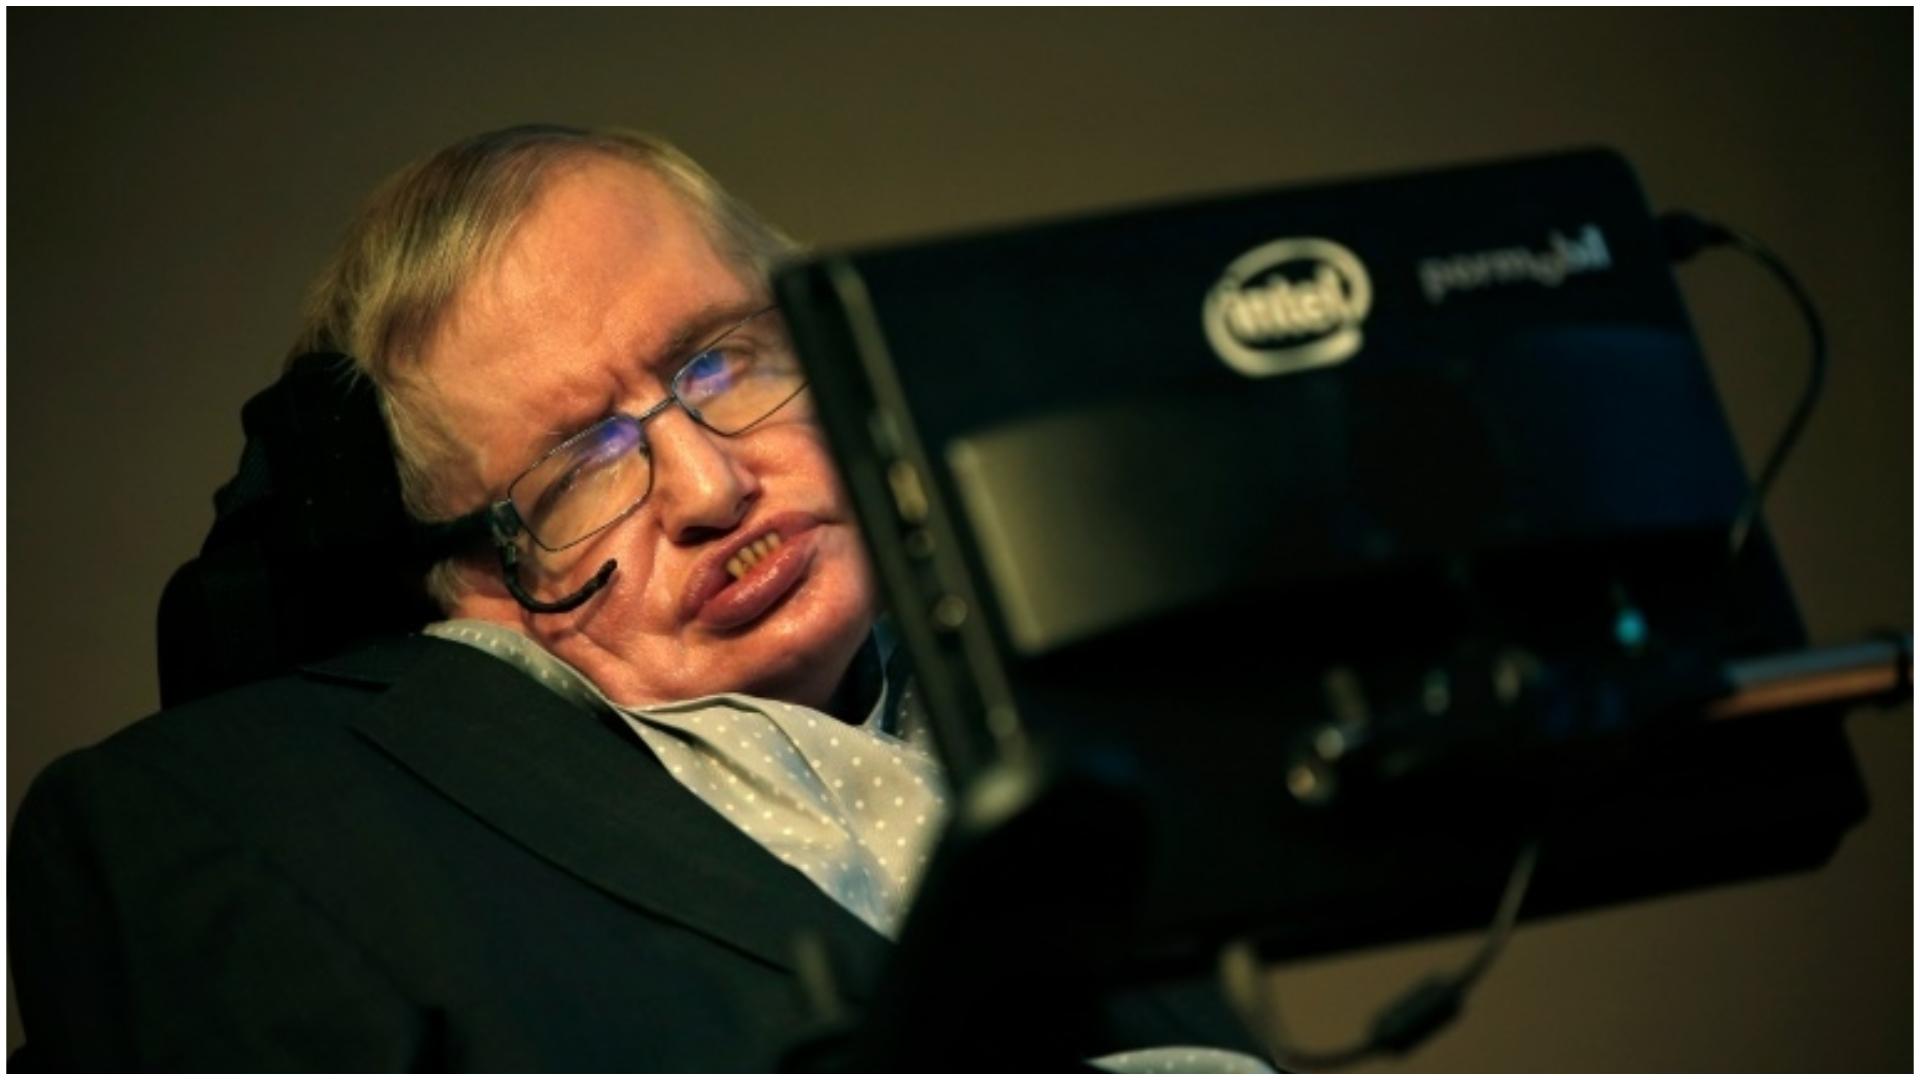 El astrofísico británico Stephen Hawking en una rueda de prensa donde anunció un premio para la comunicación científica, la Medalla Stephen Hawking, en una primera edición en Londres, el 16 de diciembre de 2015 (Foto Archivo GENTE)